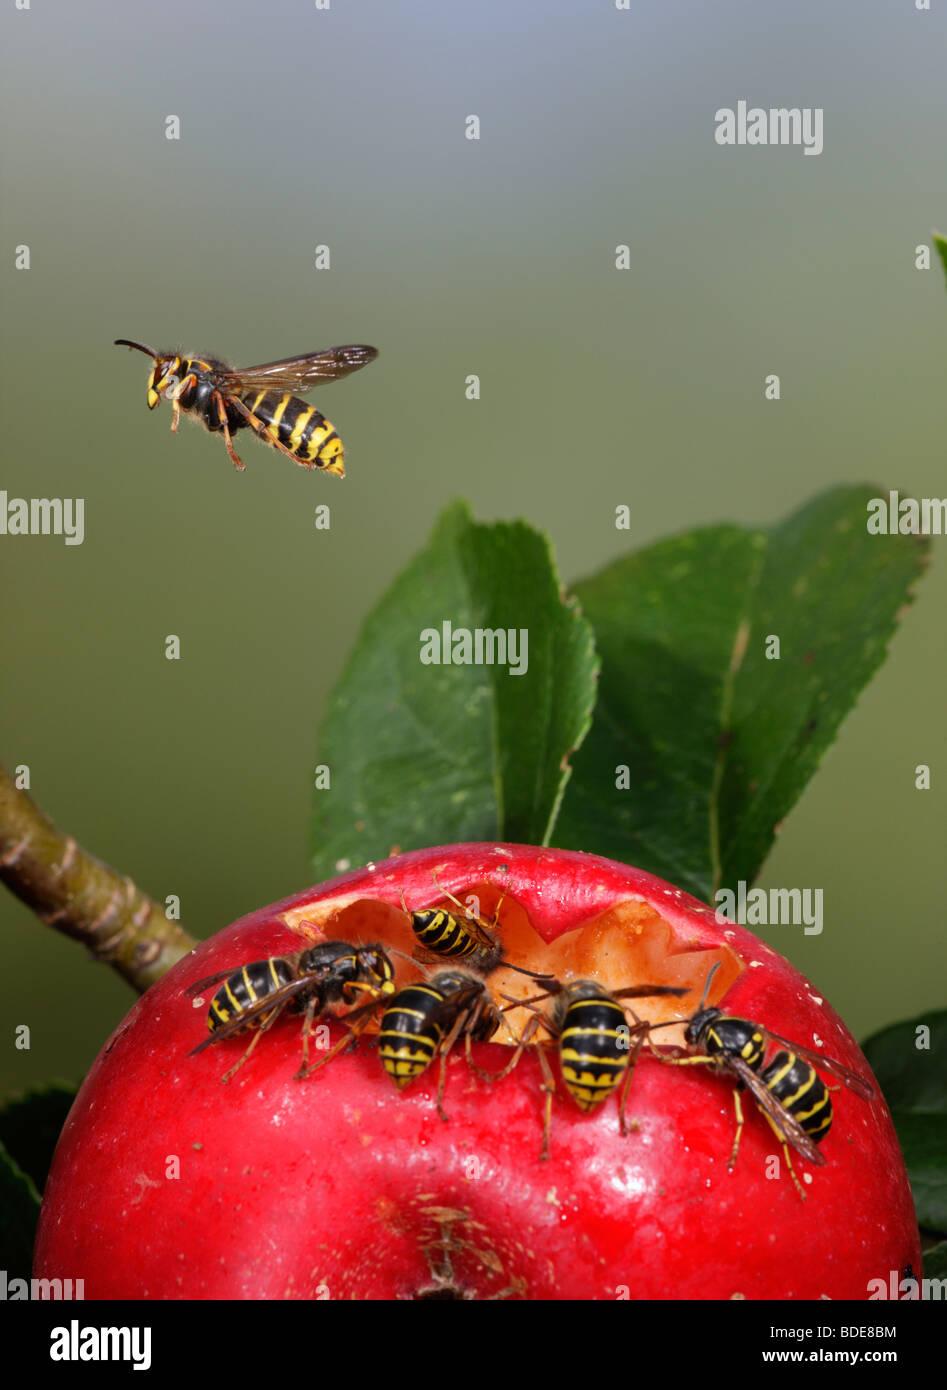 Mittlere Wespen Dolichovespula Media und gemeinsame Wespen Vespula Vulgaris Fütterung auf gefallenen Apfel Stockbild